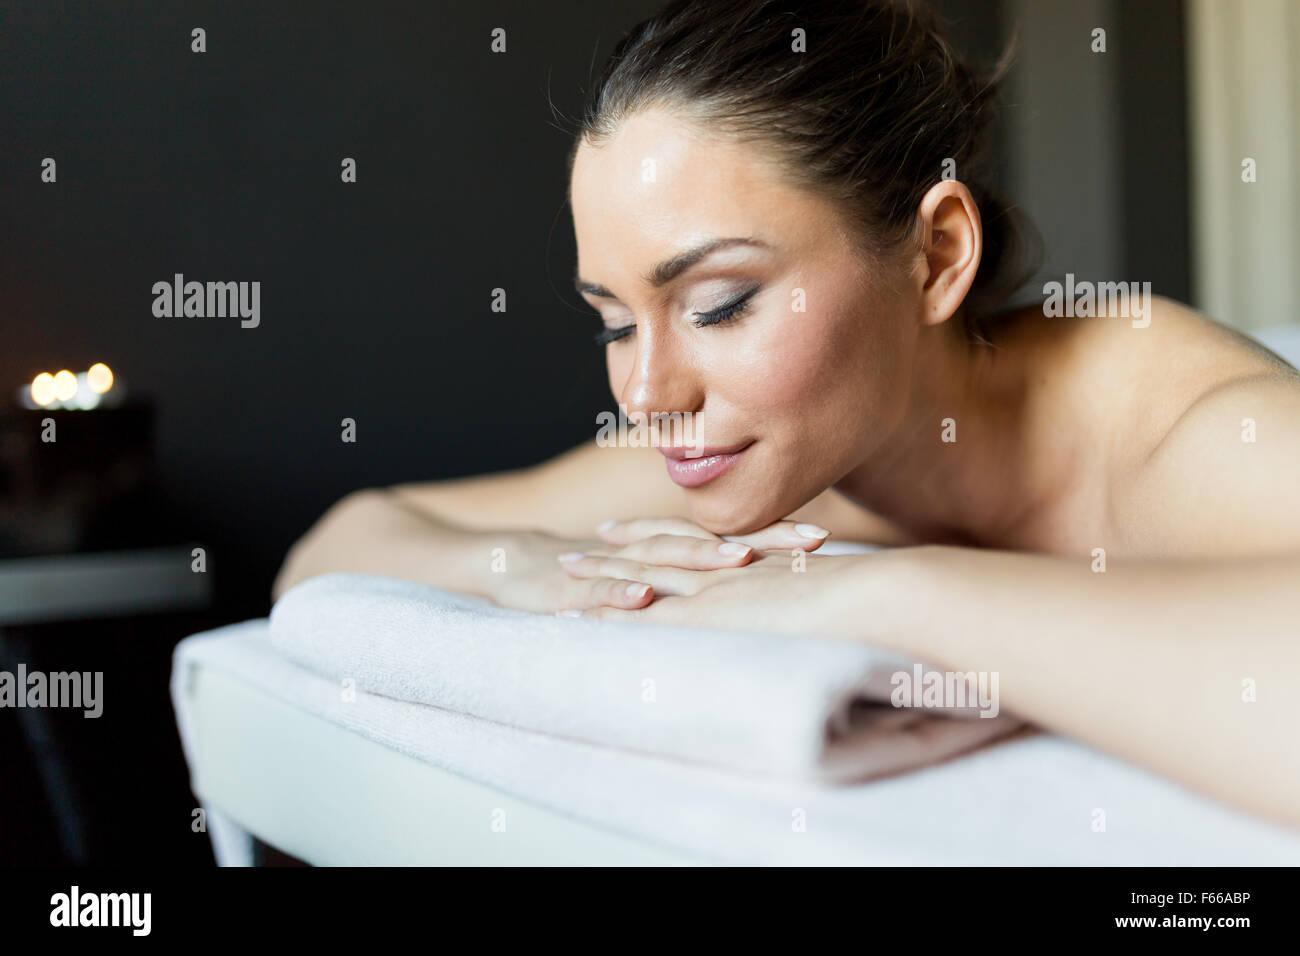 Ritratto di una giovane e bella donna di relax con gli occhi chiusi su un lettino da massaggio in una stanza buia a lume di candela Foto Stock